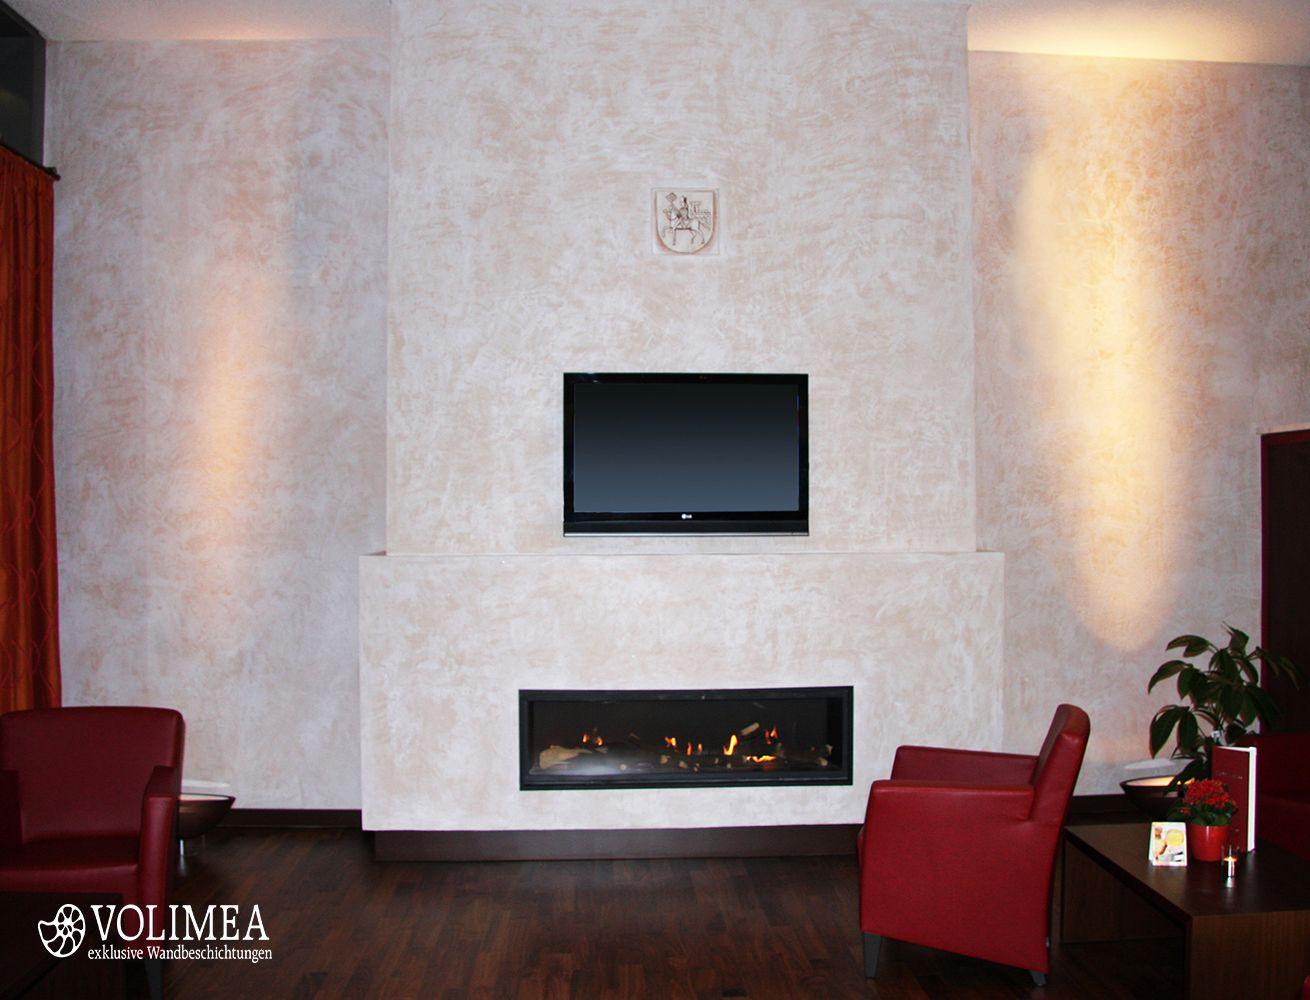 kamintr edelstahl amazing kaminofen angebot kaminfen in topqualitt von fhrenden herstellern. Black Bedroom Furniture Sets. Home Design Ideas